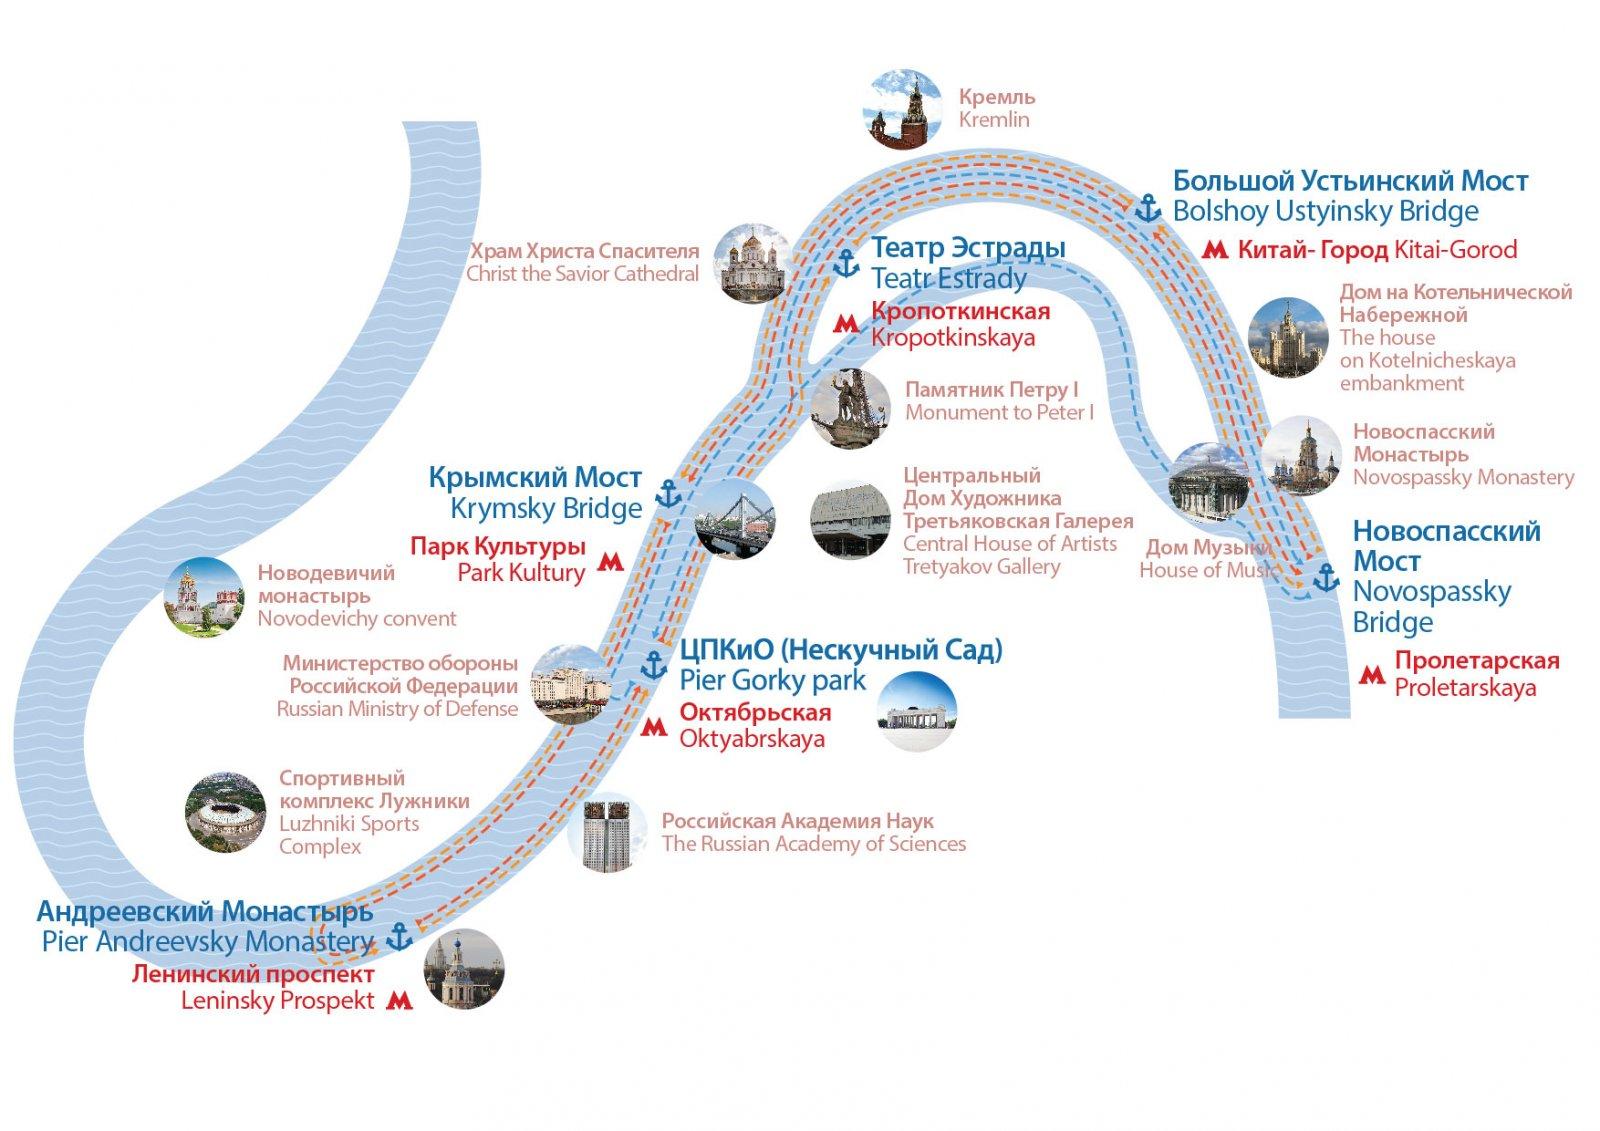 Экскурсия на теплоходе по Москве-реке (с апреля по октябрь)